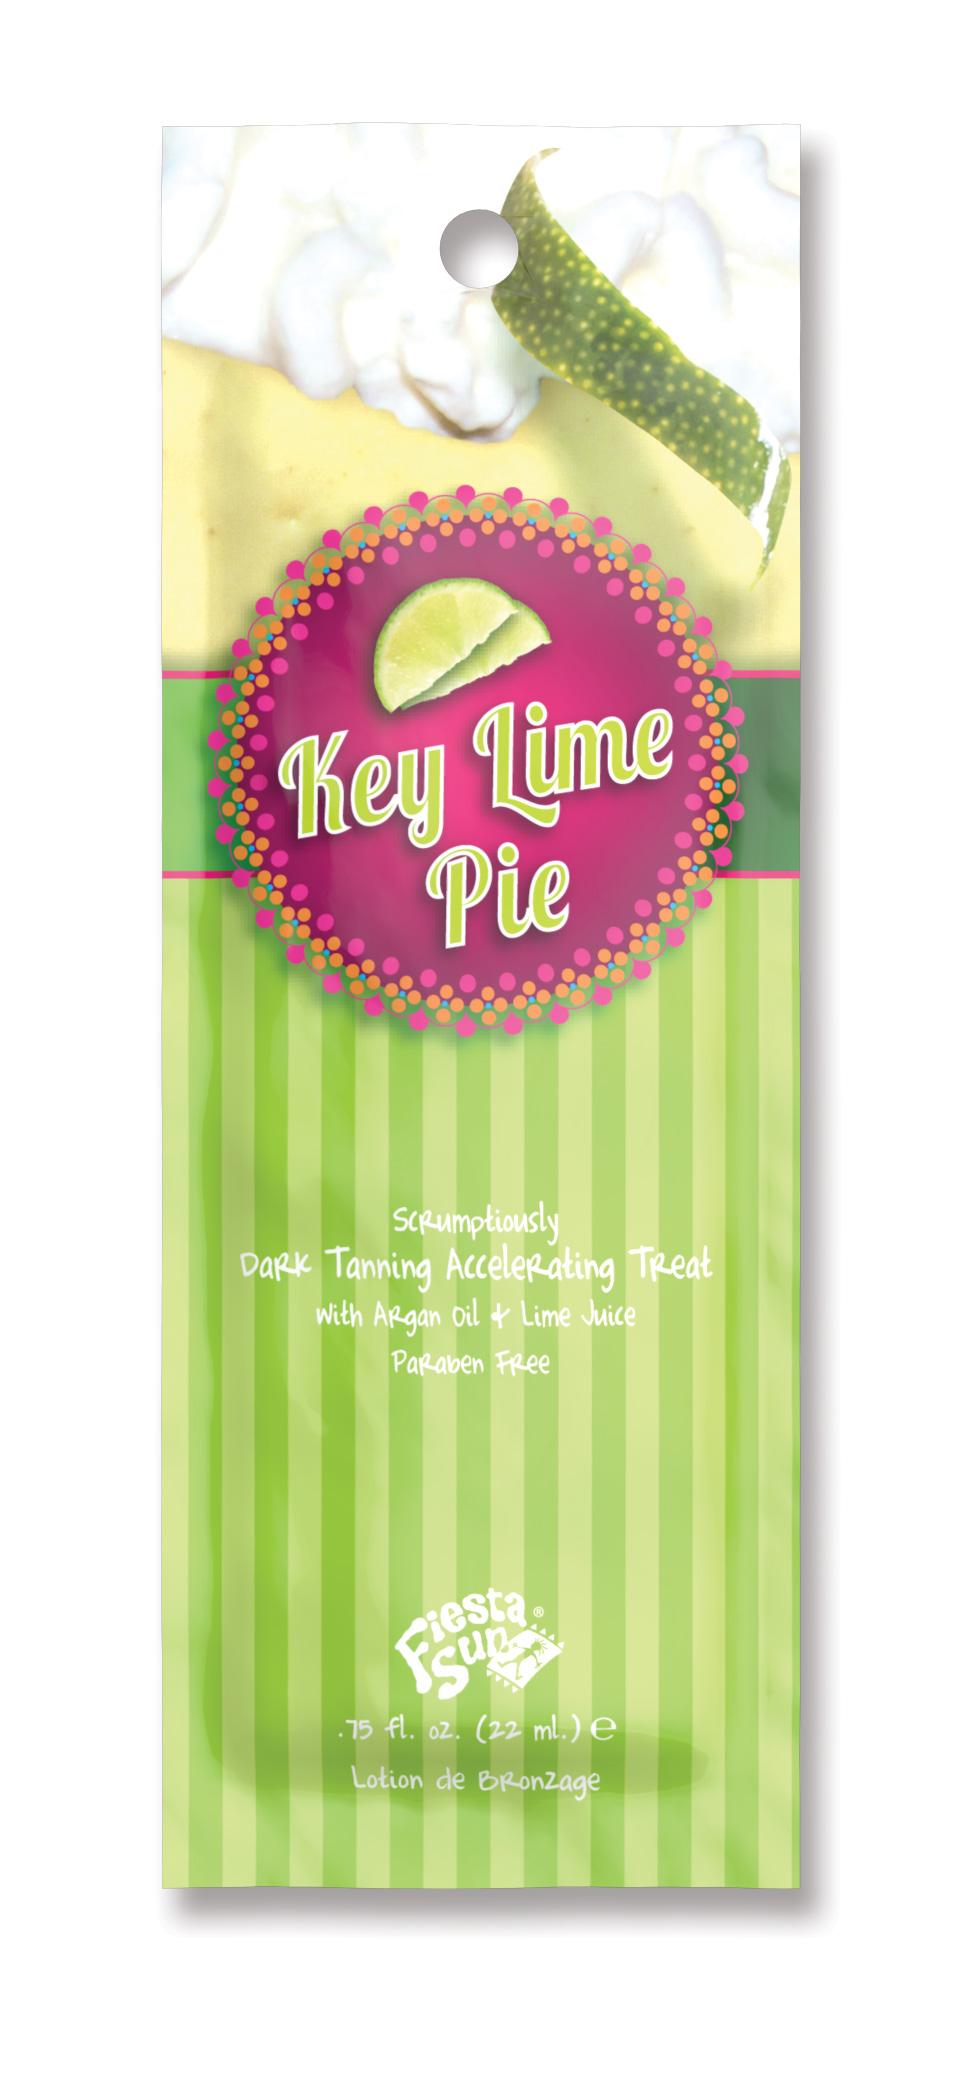 Key Lime Pie™ Pkt